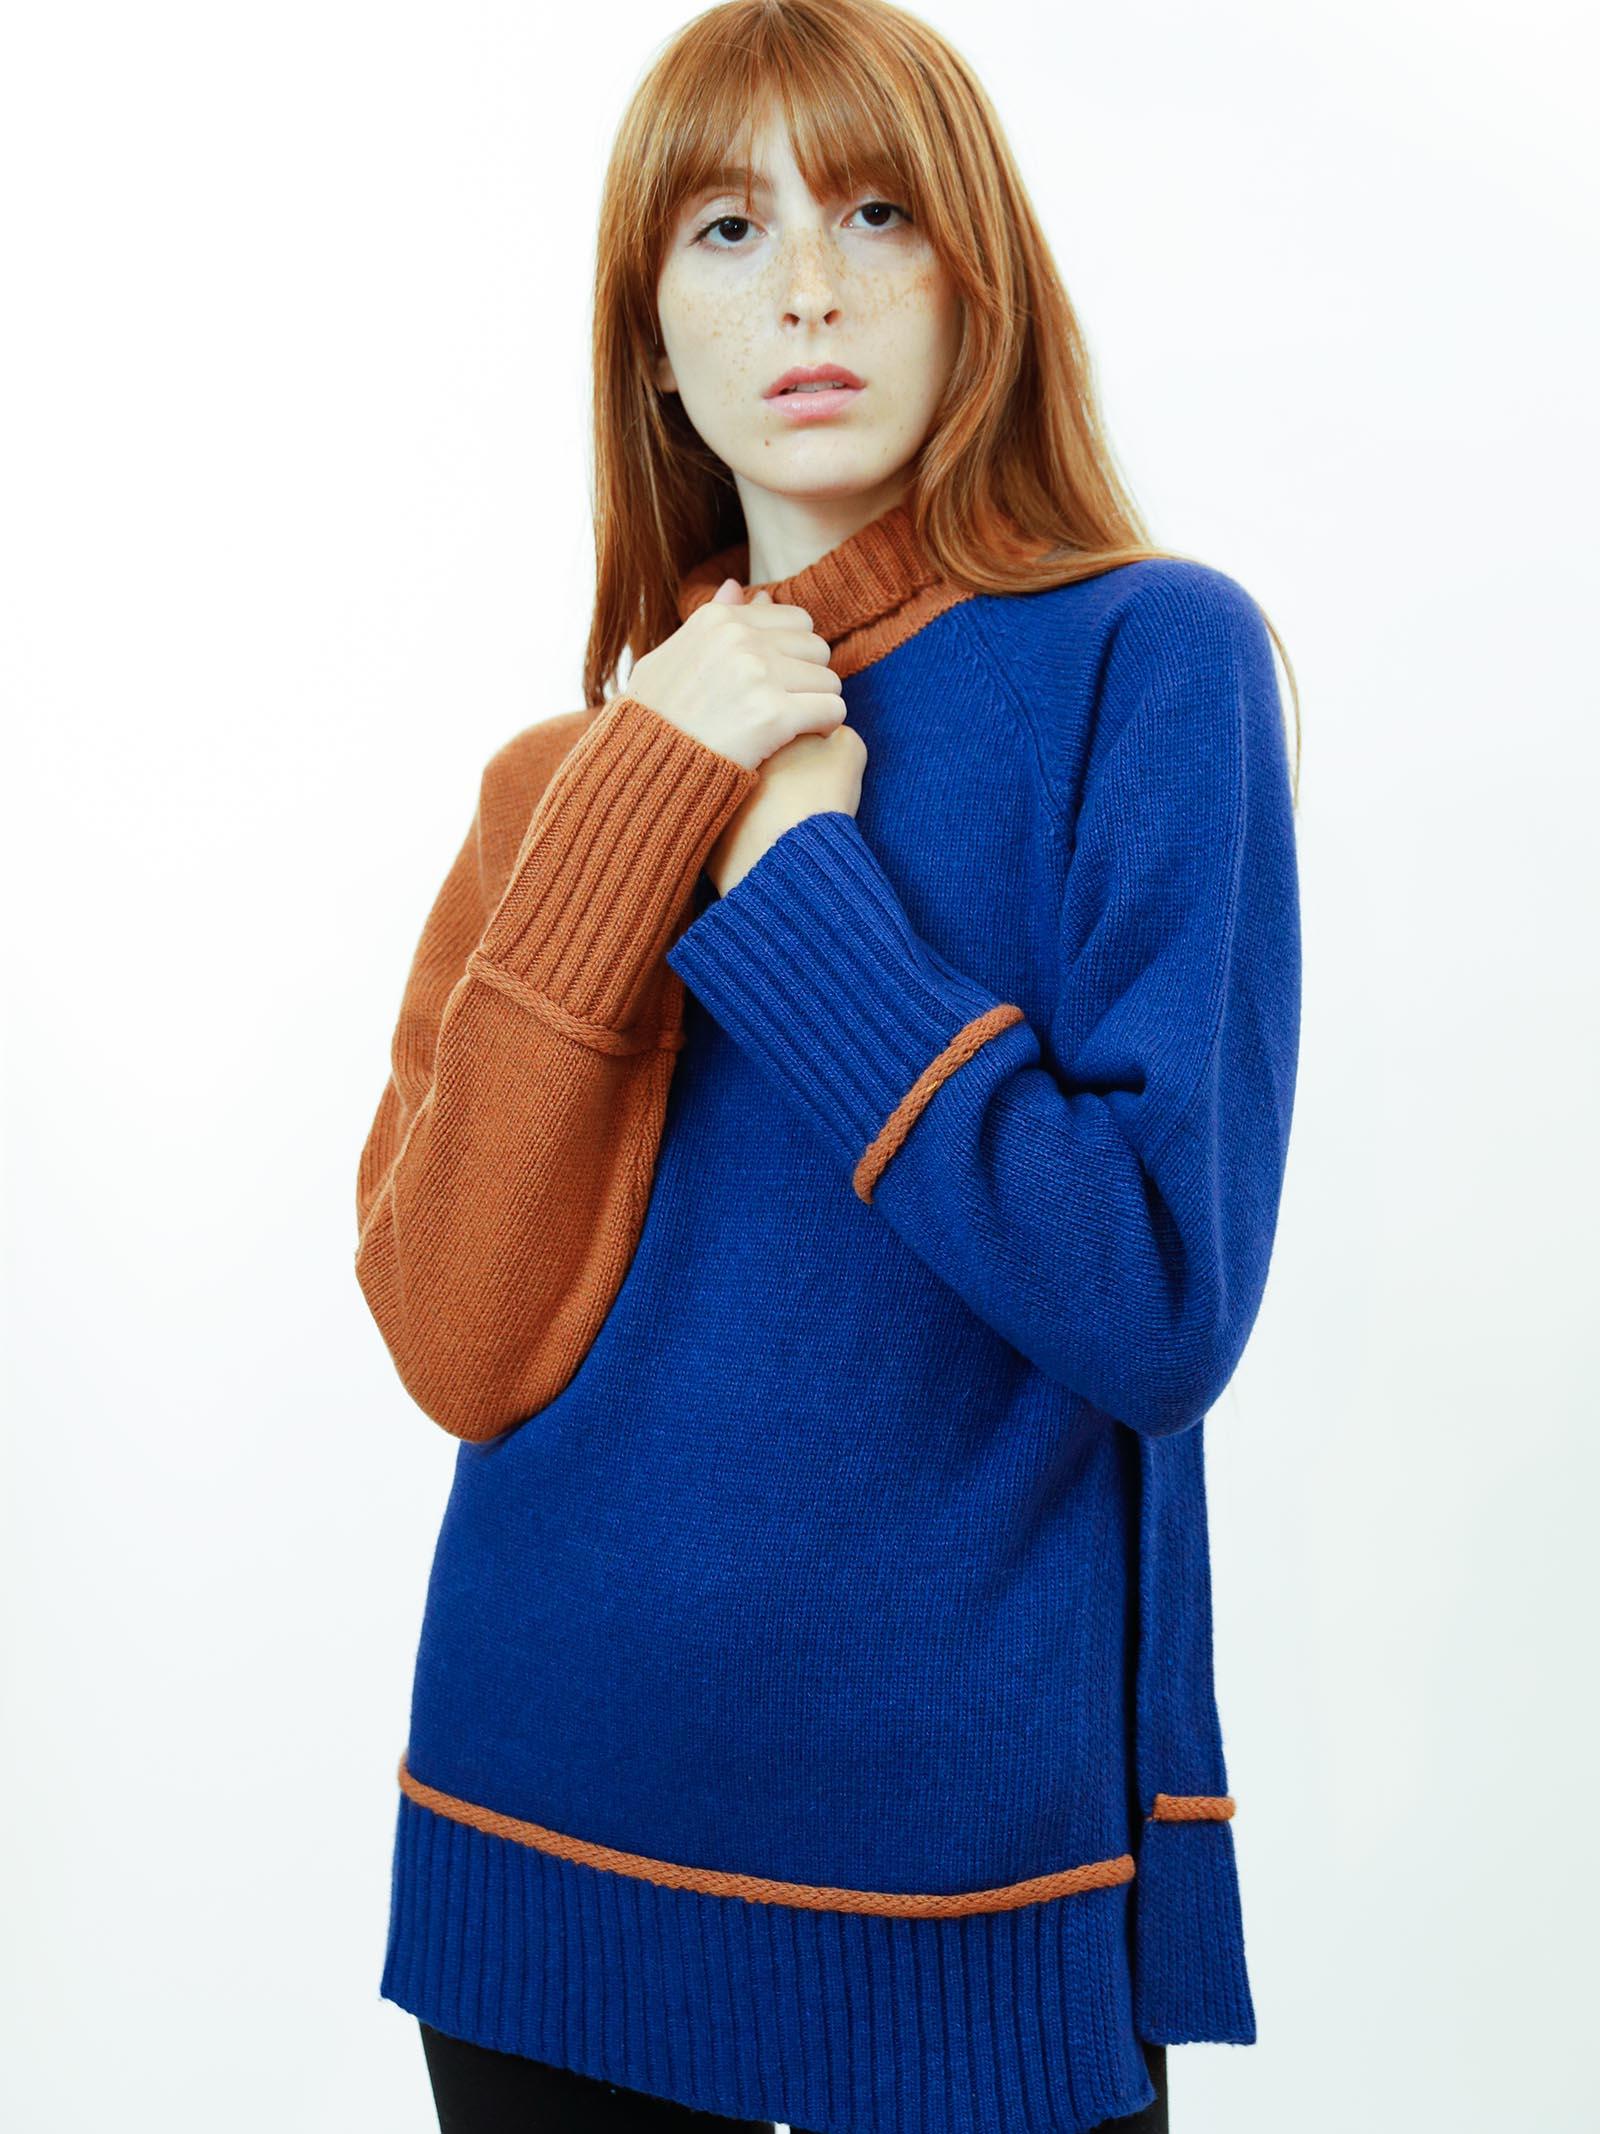 Abbigliamento Maglione Donna Cachemire Merinos Collo Alto in Blu e Arancio Maliparmi | Maglieria | JQ48877431580B31